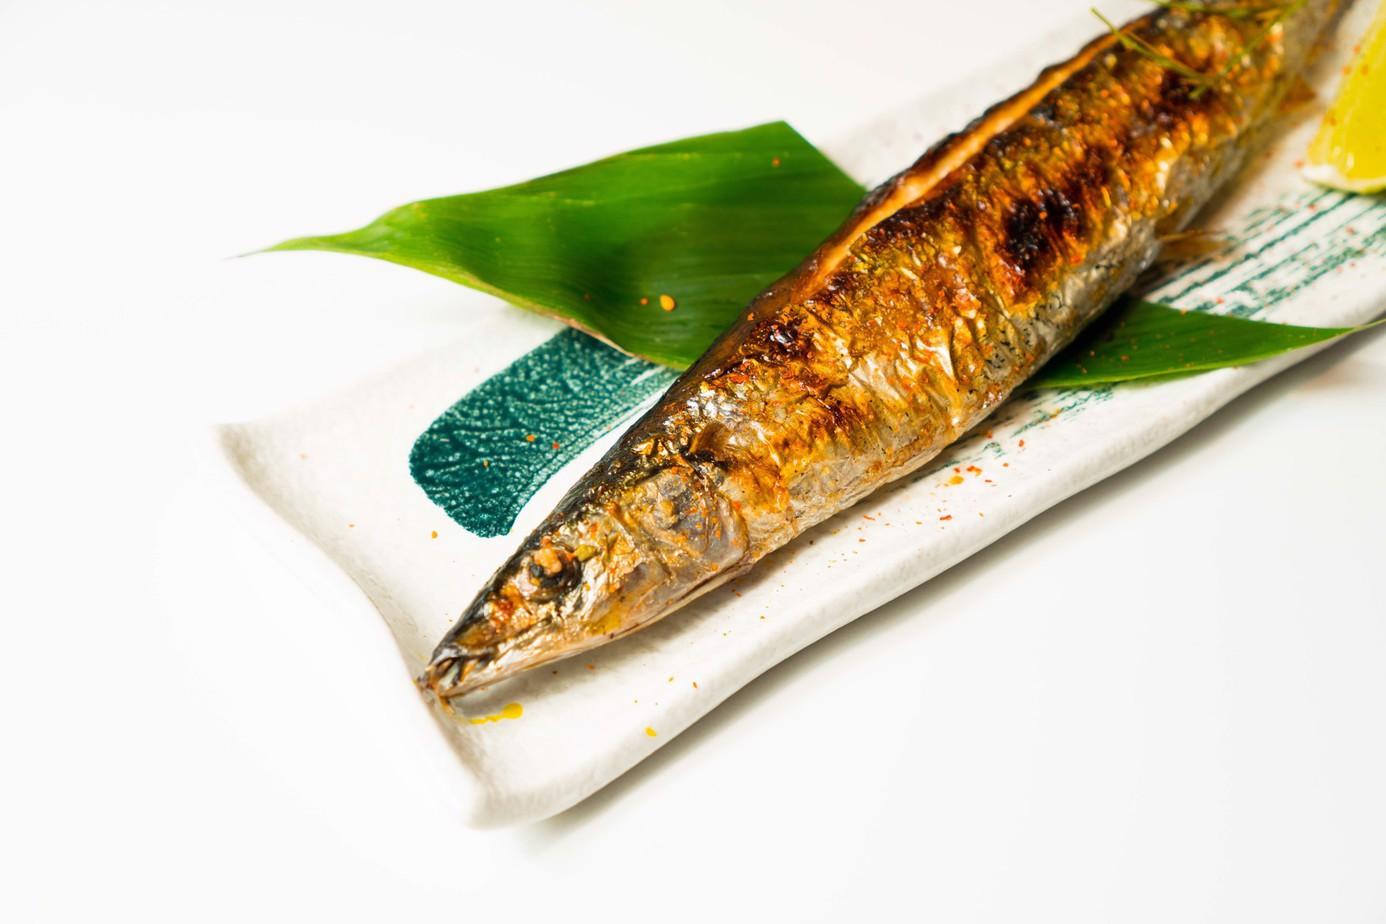 Cá thu nướng cùng với muối ớt lót lá chuối trên đĩa